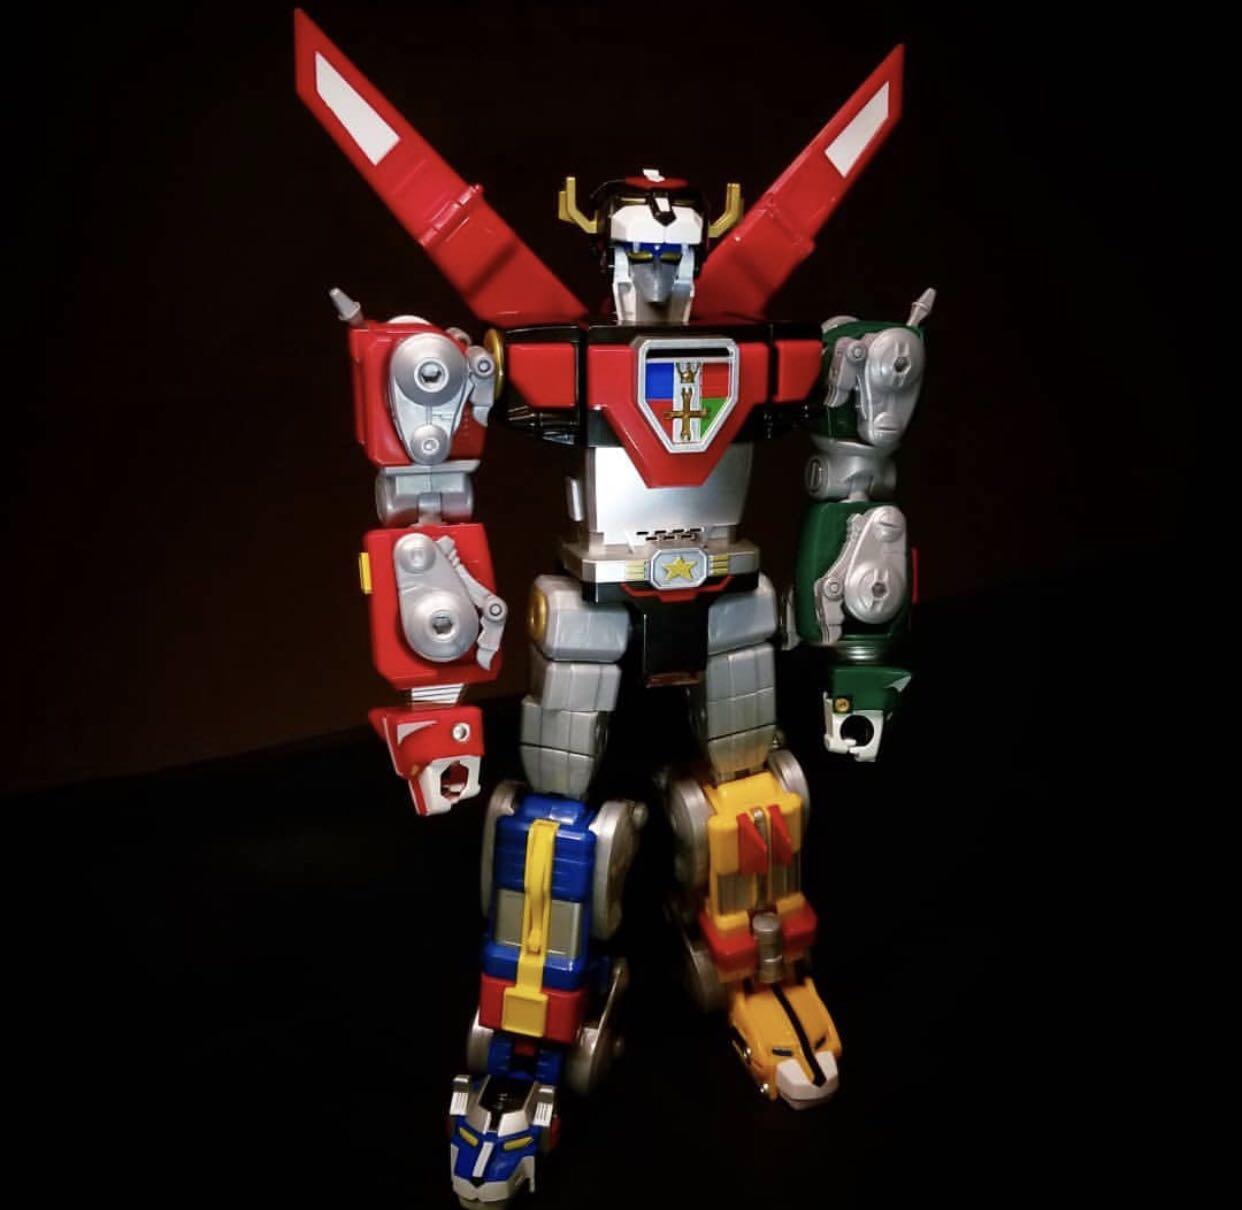 Герои трансформеров приятели приятелей игрушки 16 дюймов ультра большой 84 звери Король Вольтрон сплит можно один продать